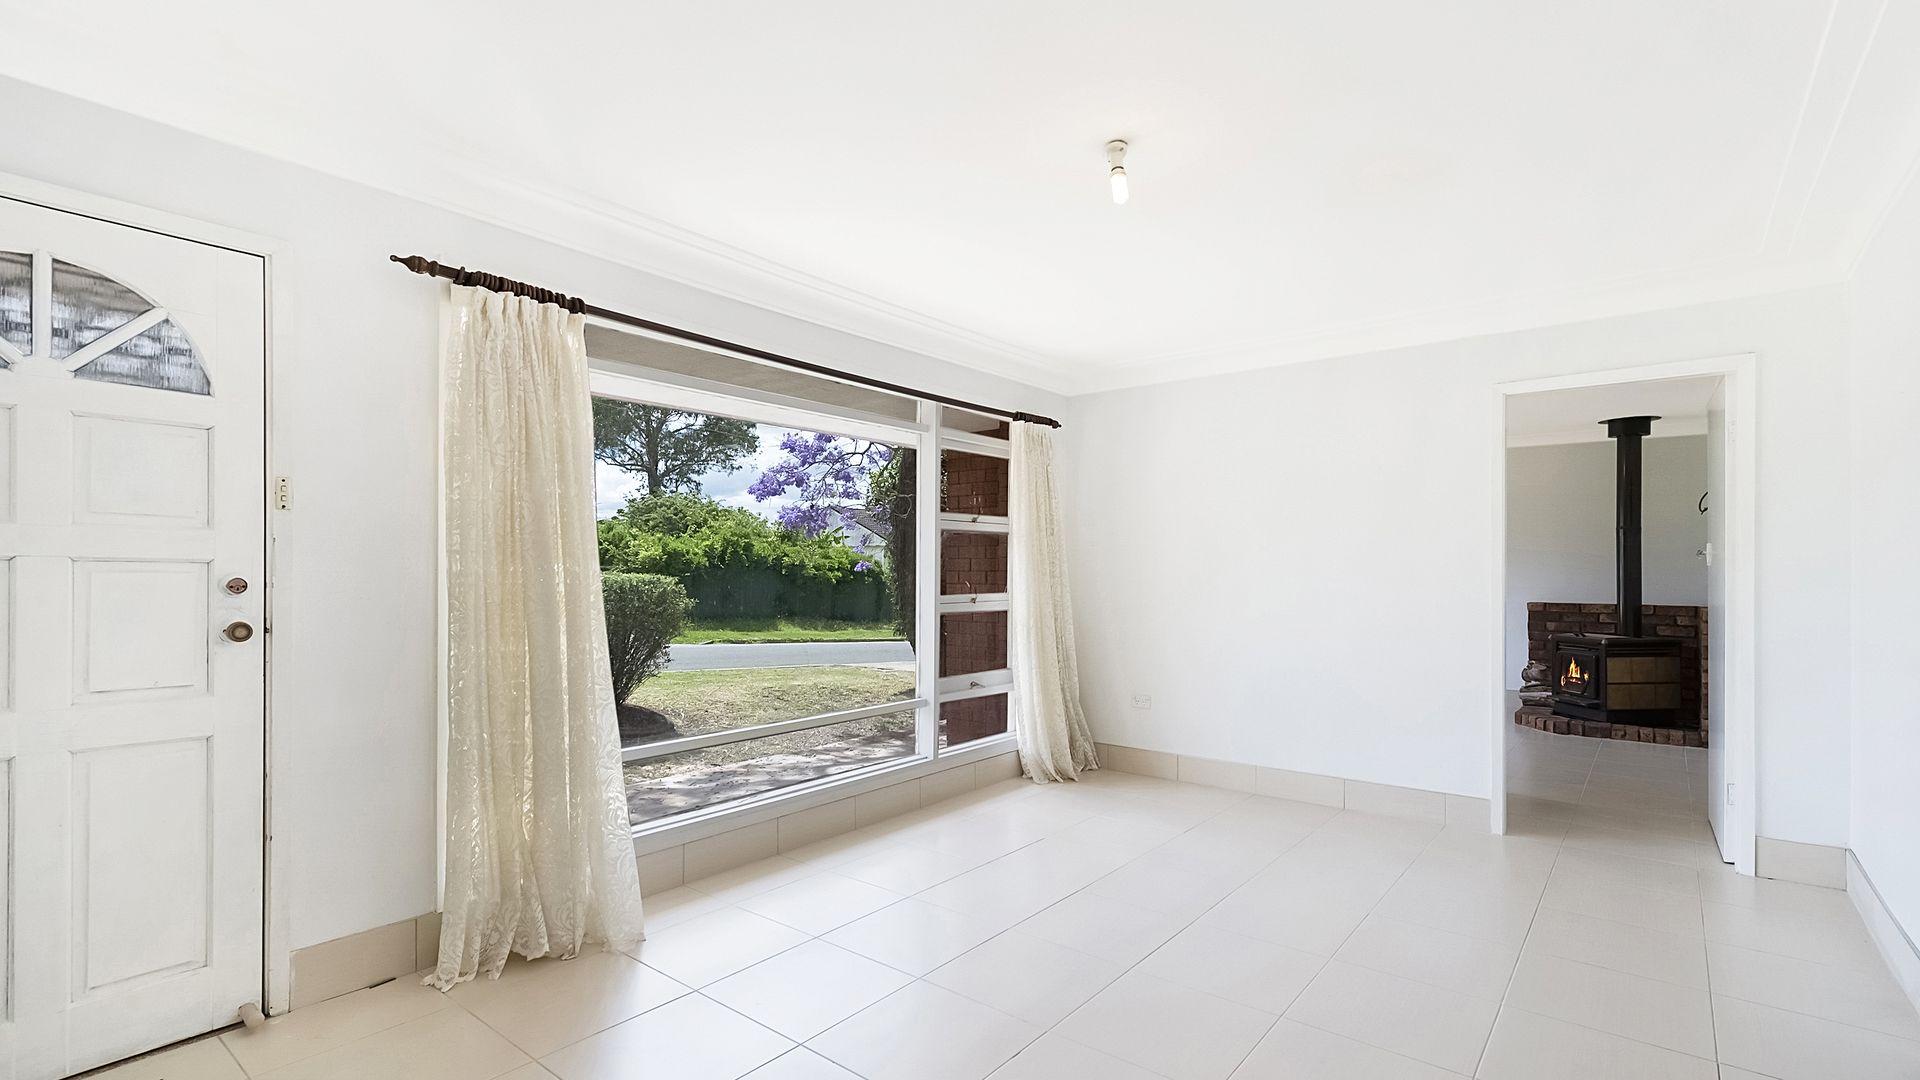 18 Maunder Ave, Girraween NSW 2145, Image 2